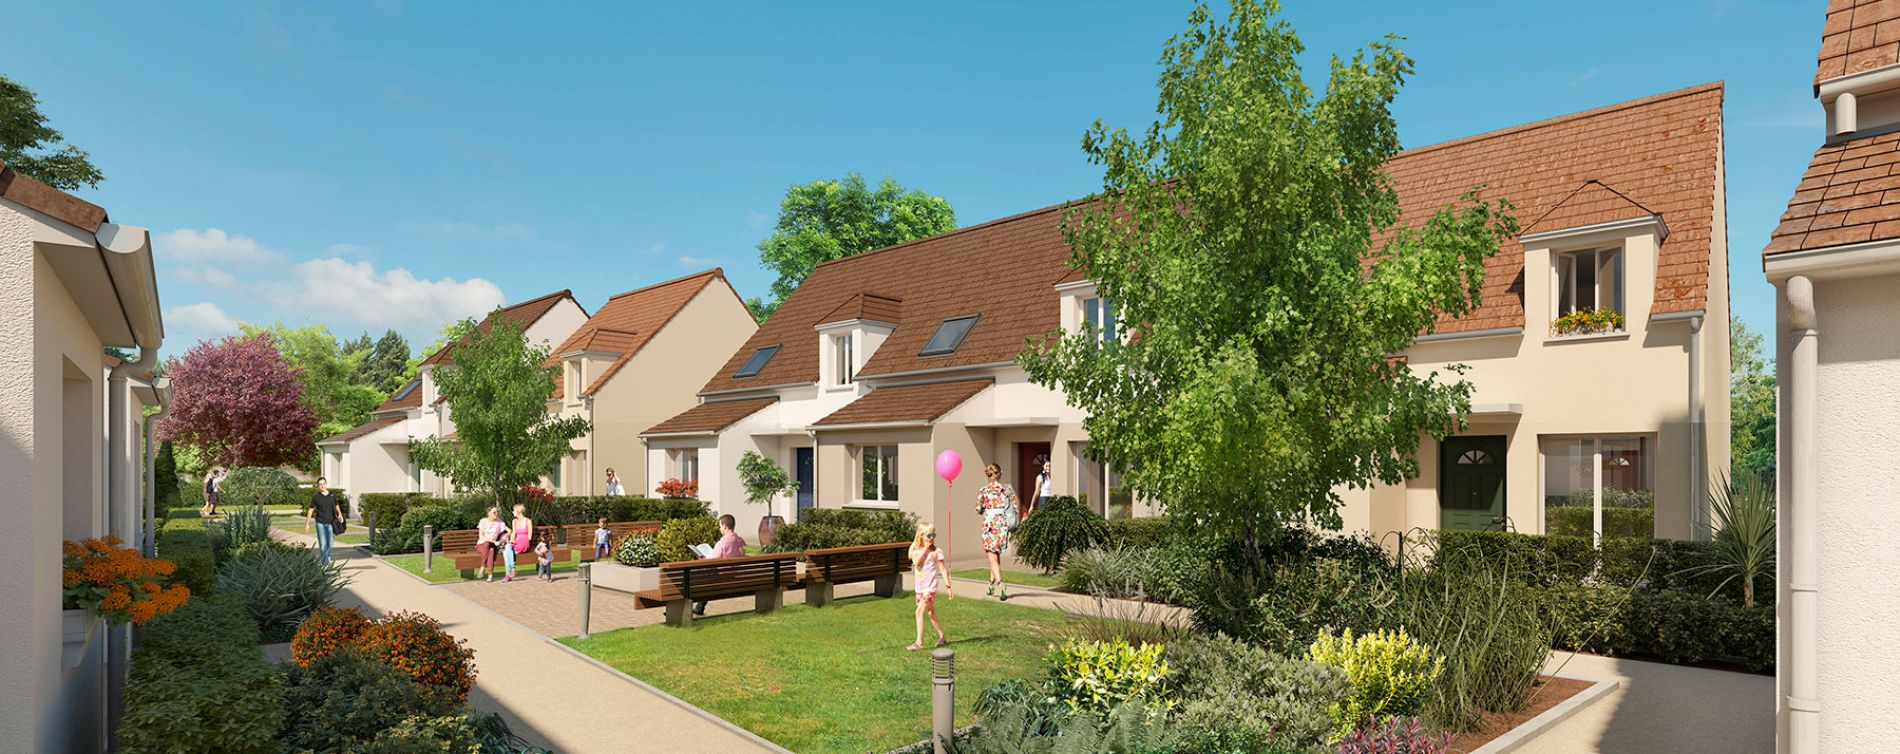 St max tropique saint maximin programme immobilier neuf for Achat maison val d oise